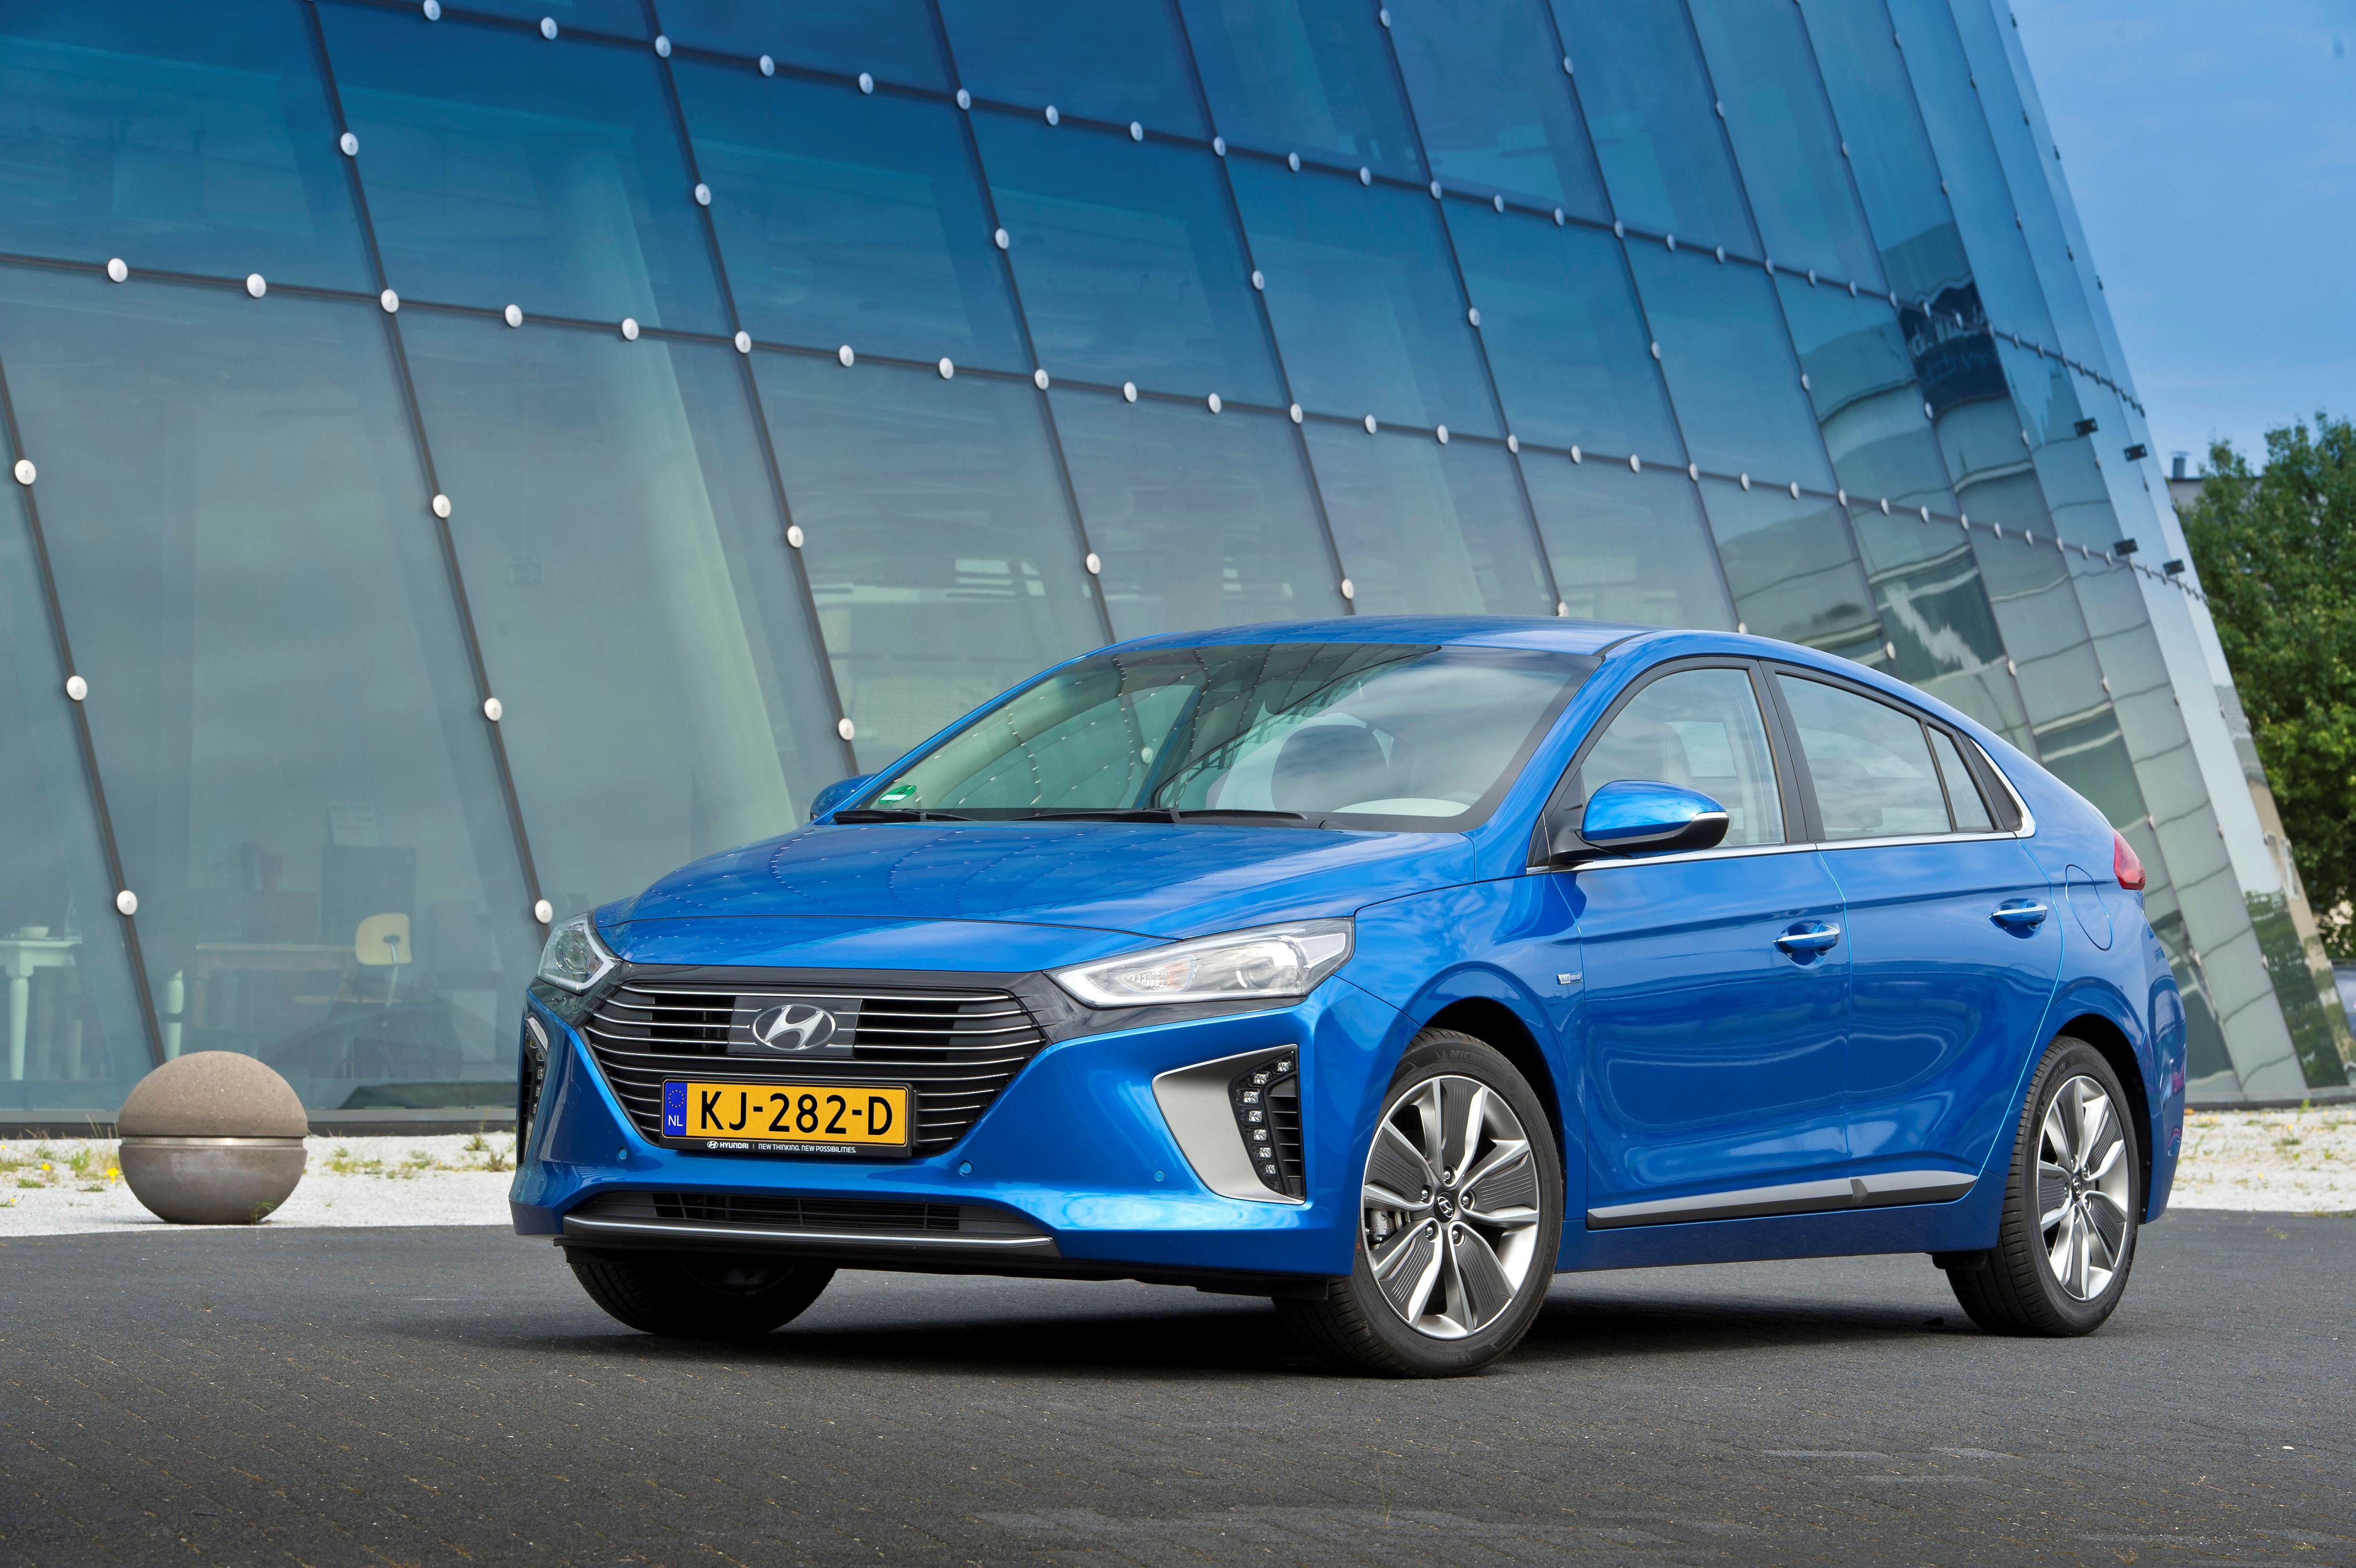 01-Veilig-en-verstandig-geheel-nieuwe-Hyundai-IONIQ-scoort-vijf-sterren-in-Euro-NCAP-crashtests.jpg